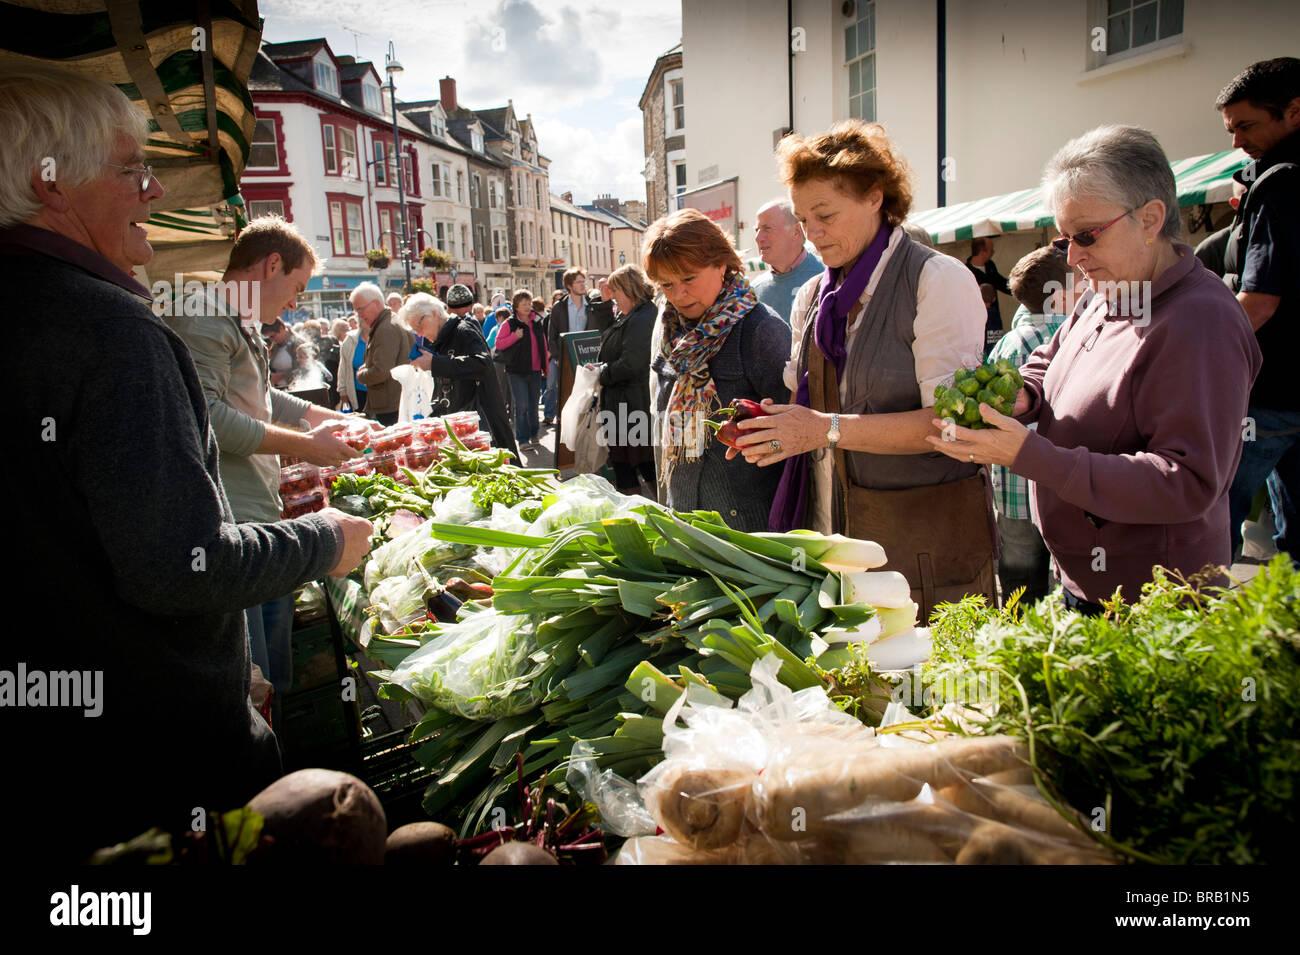 ELISABETH LUARD, Schriftsteller, kaufen frisches Gemüse ein Aberystwyth Bauern Markt und Food Festival September Stockbild